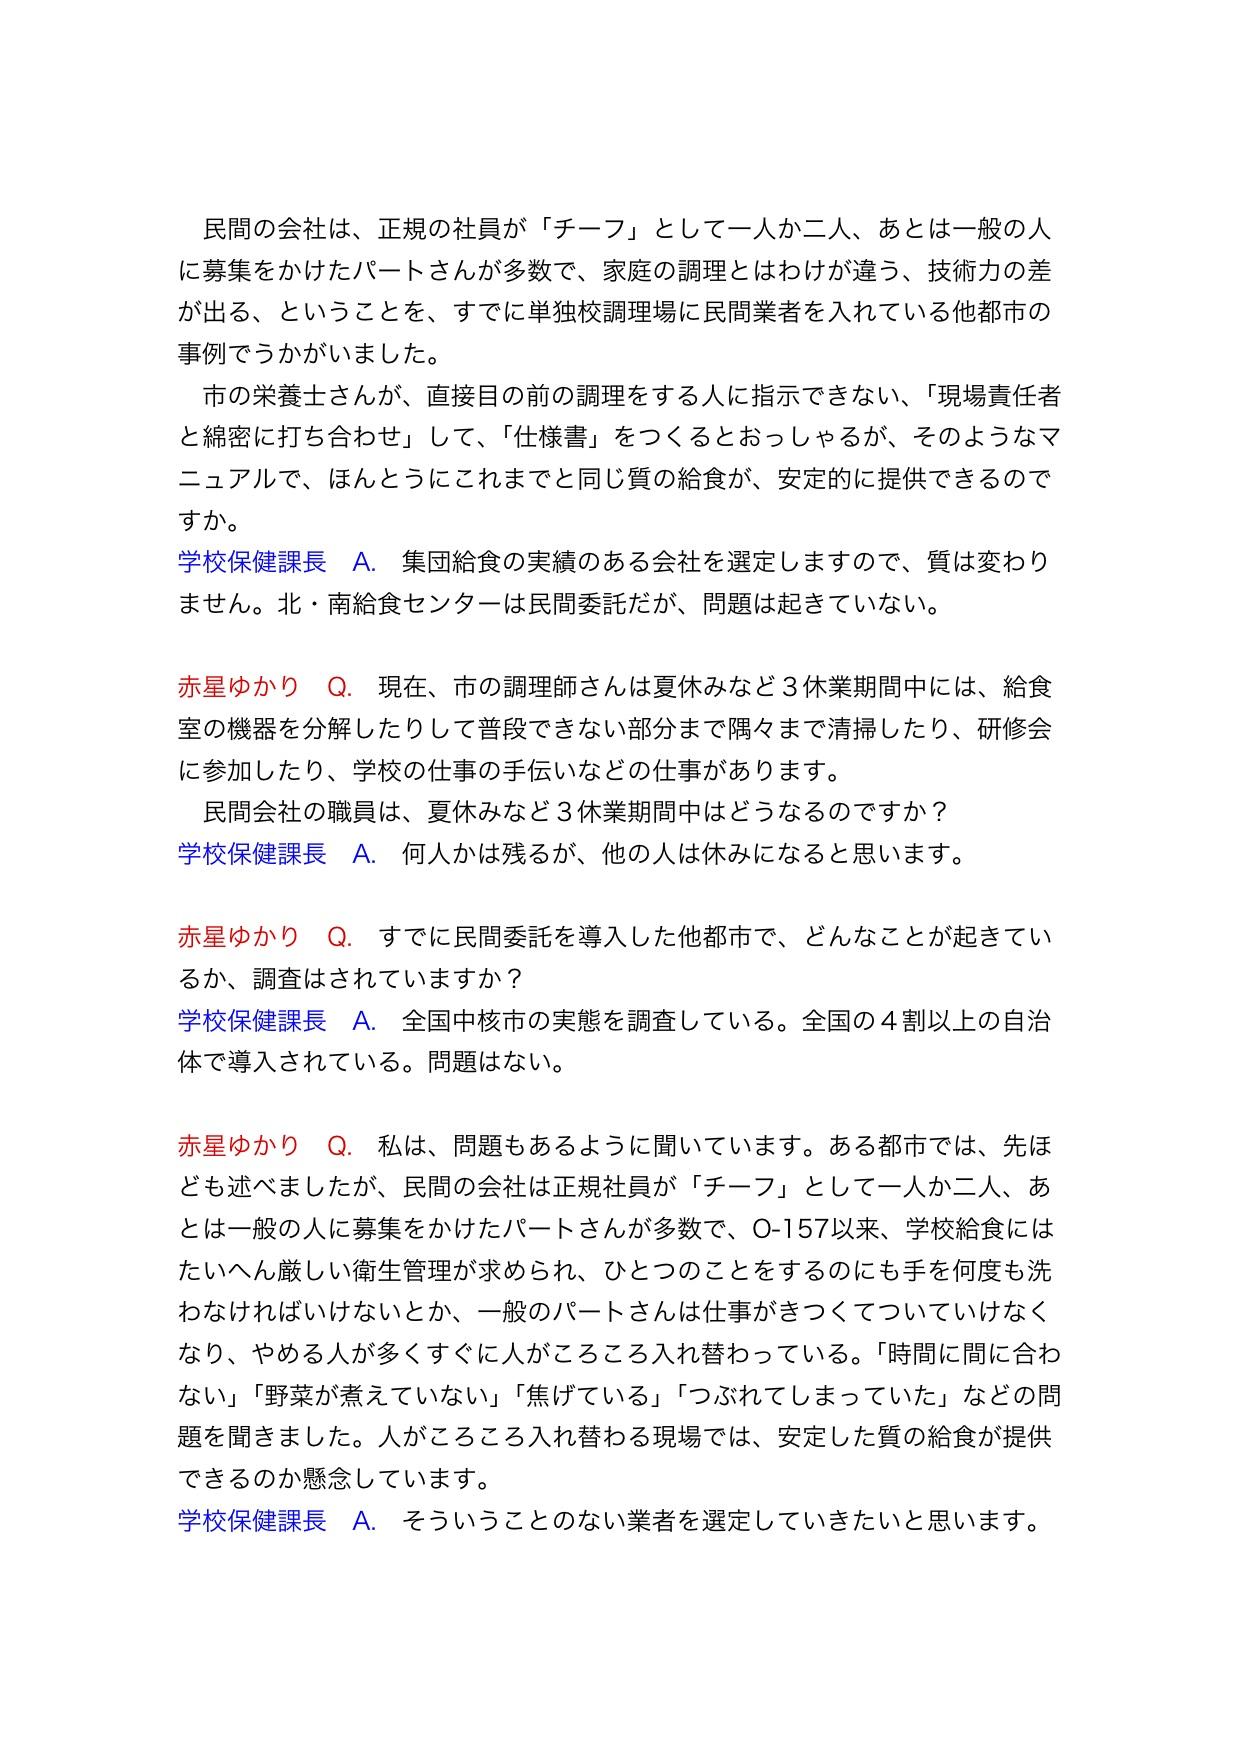 ③2012.9.20委員会質疑・討論メモ答弁入り